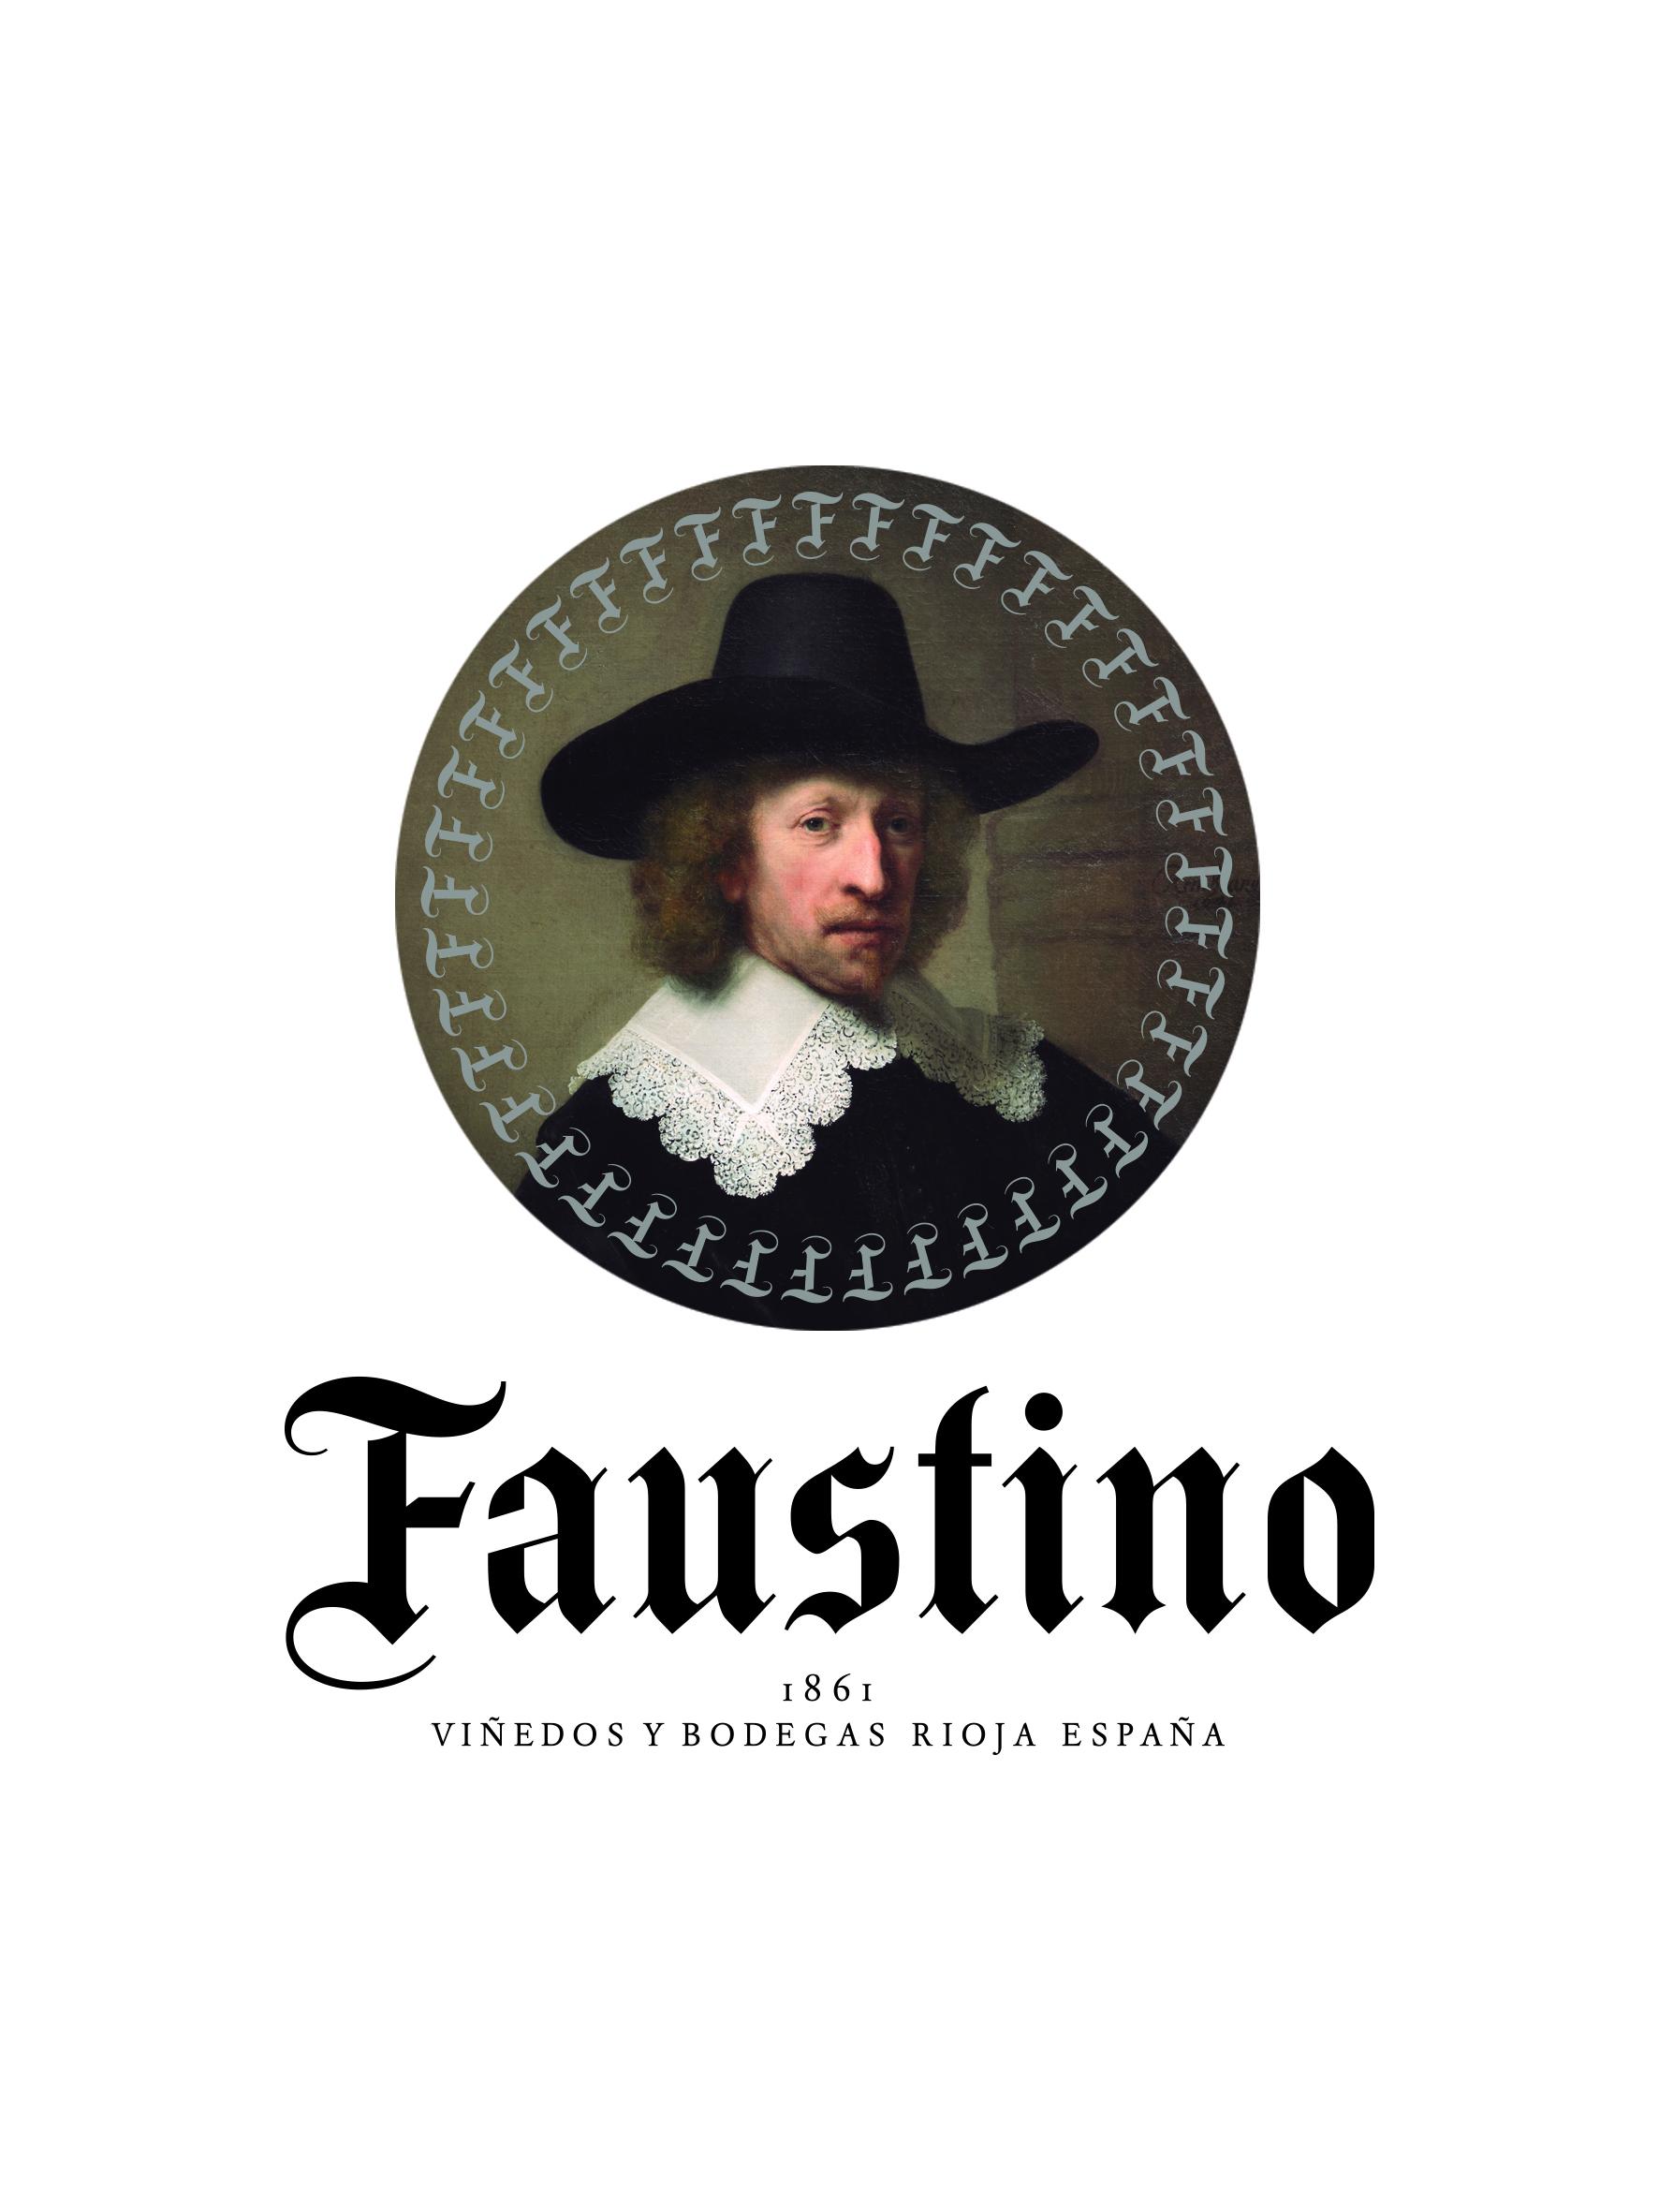 Faustino logo vertical-USO PUBLICIDAD.jpg